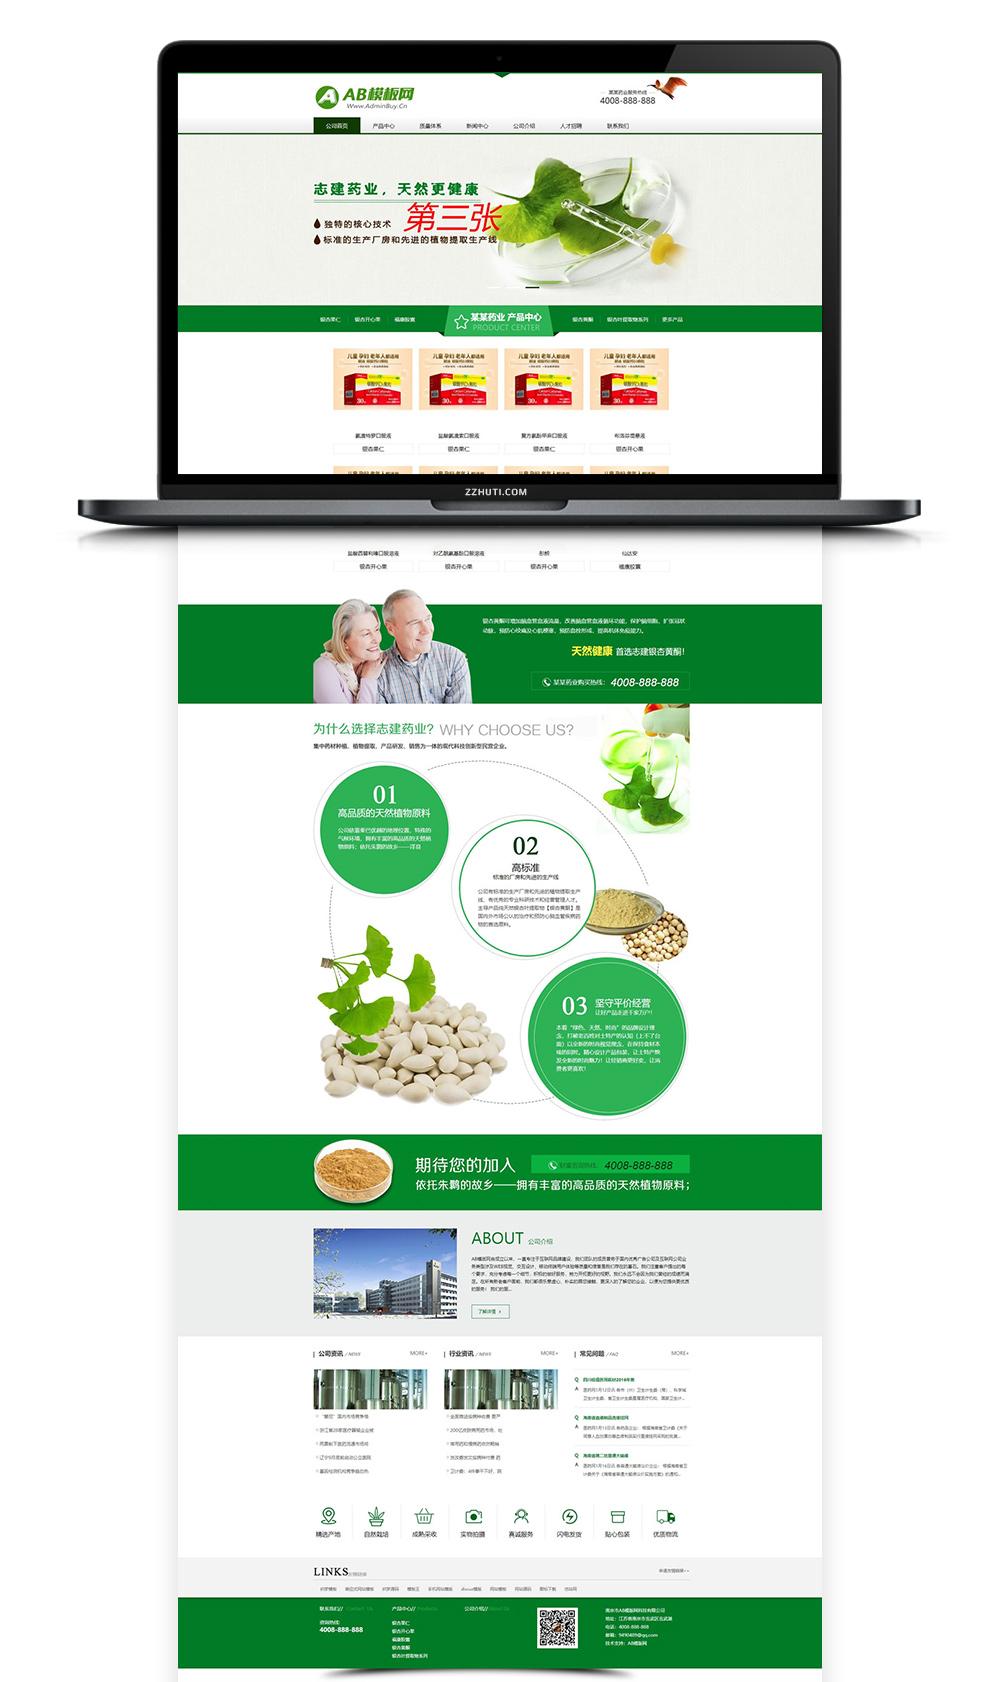 【保健品类】织梦dedecms绿色模板 网站源码-带手机版数据同步插图(1)